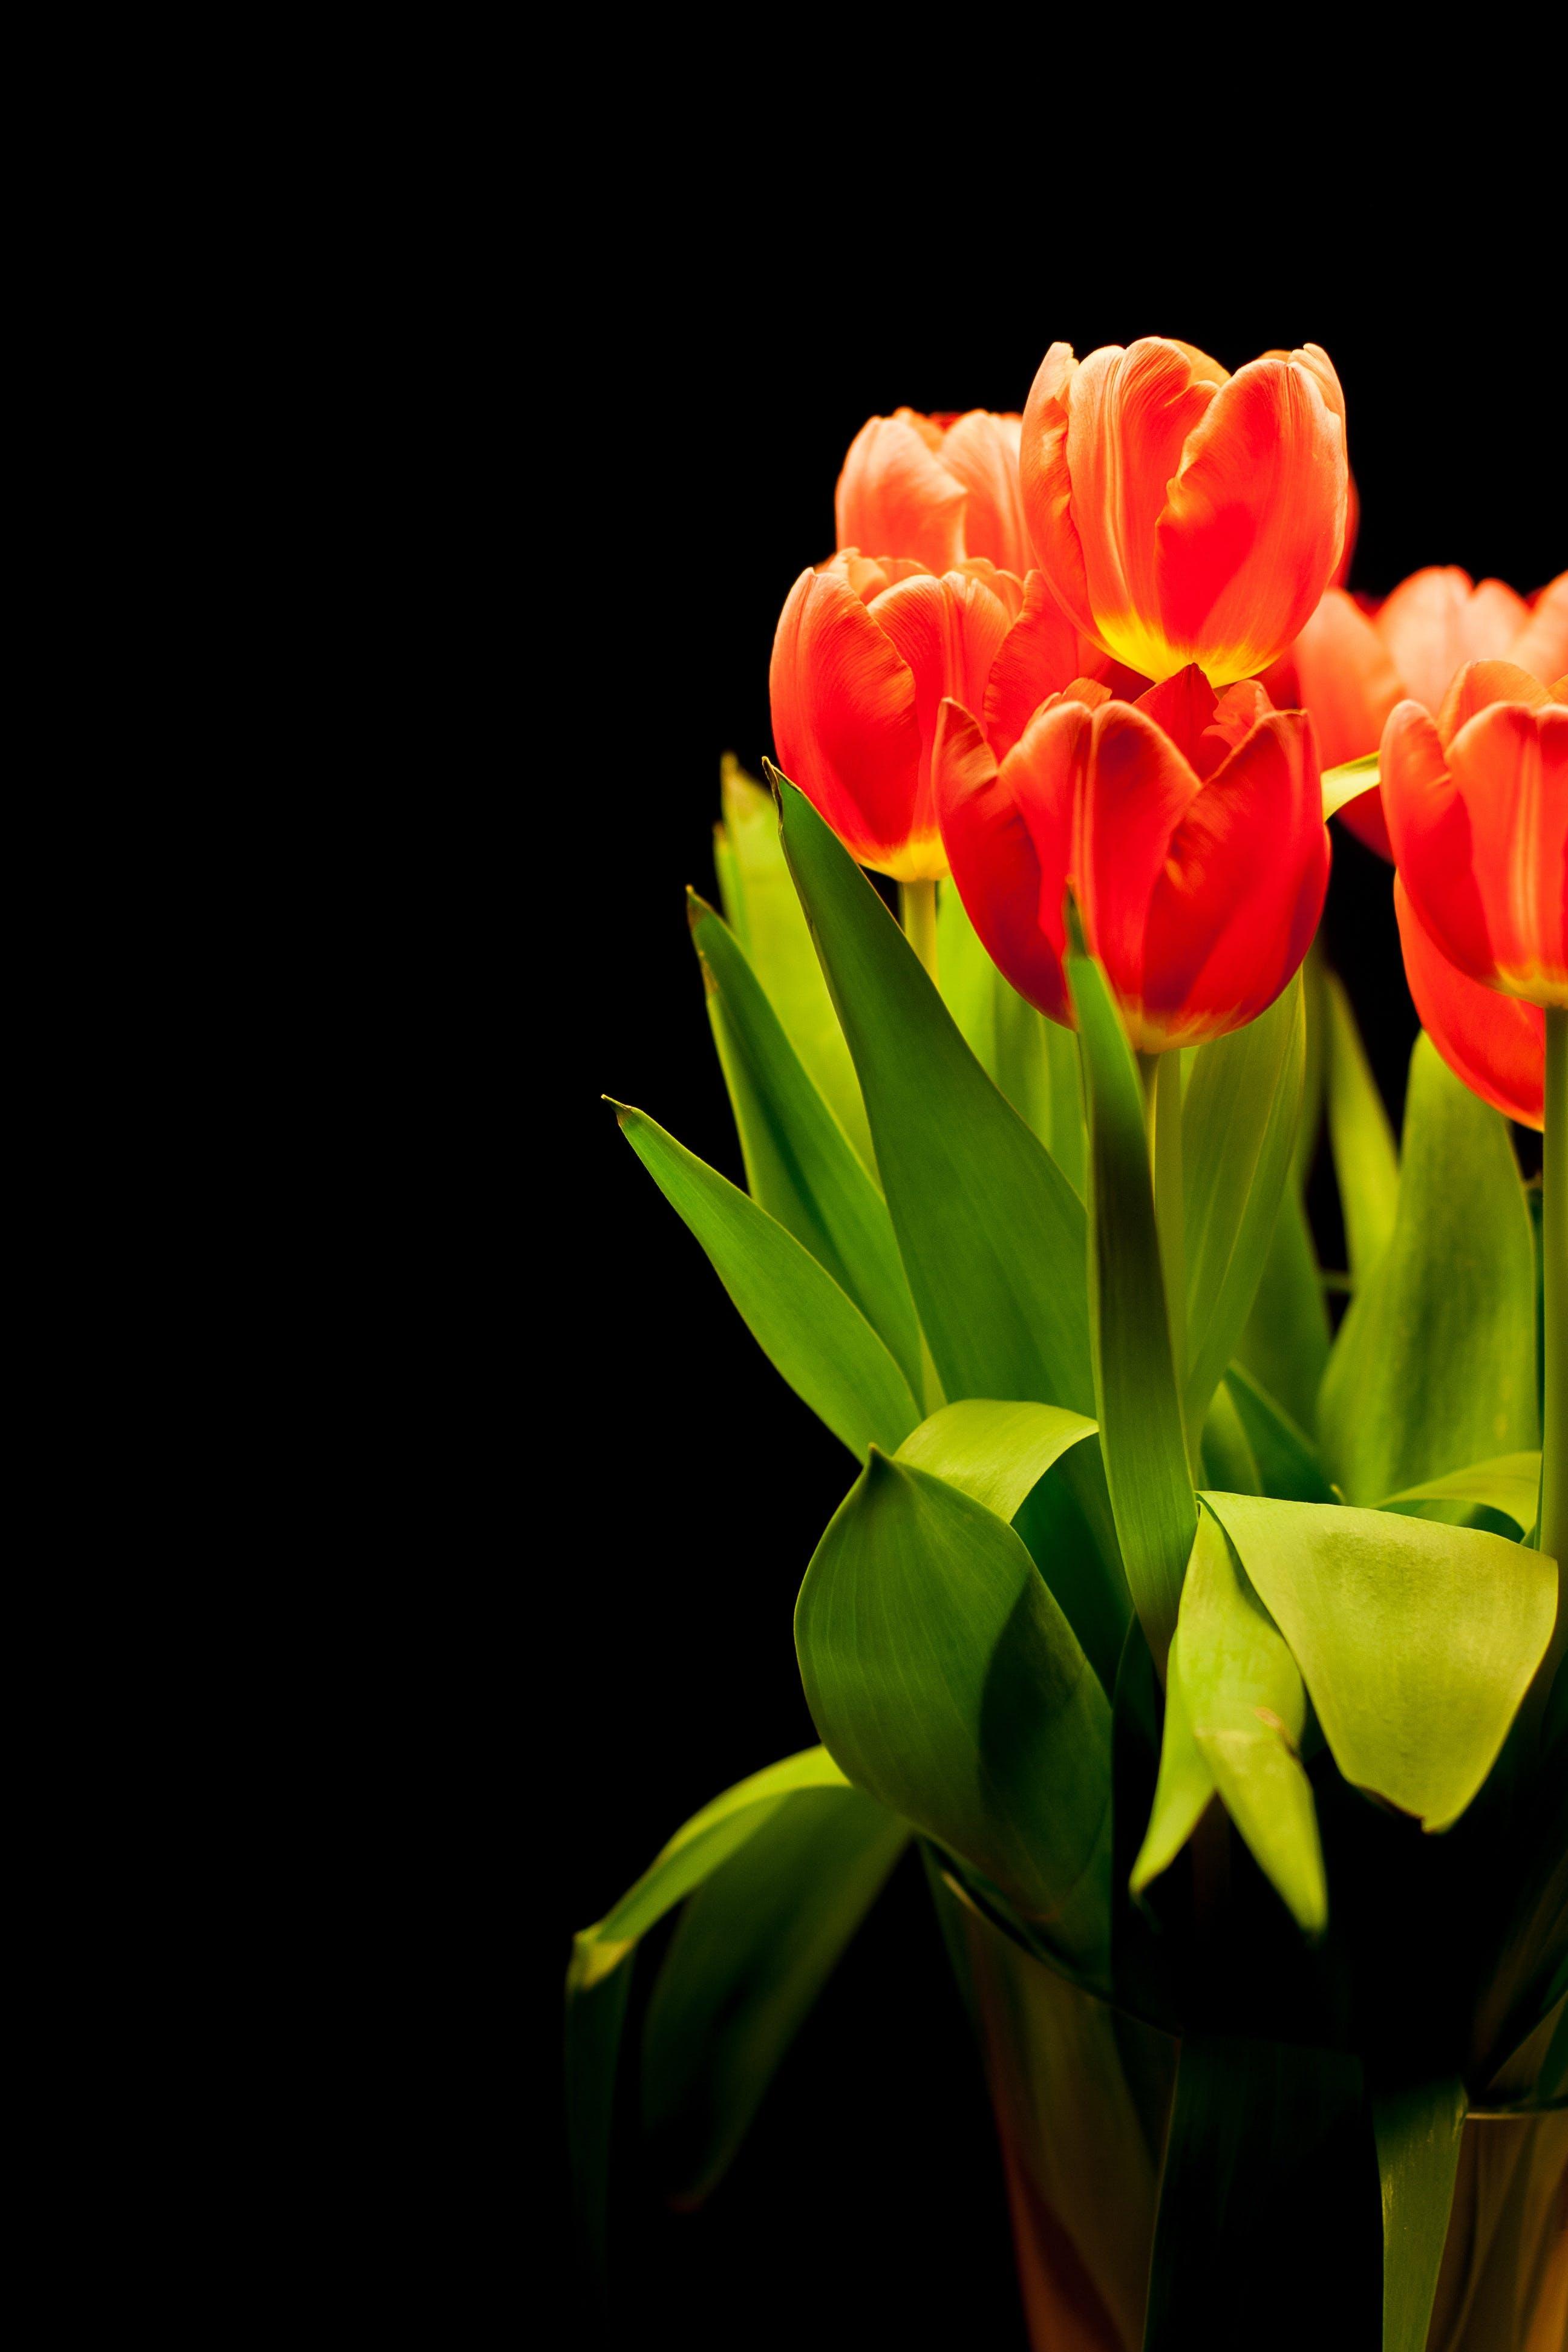 工厂, 植物群, 綻放, 花 的 免费素材照片